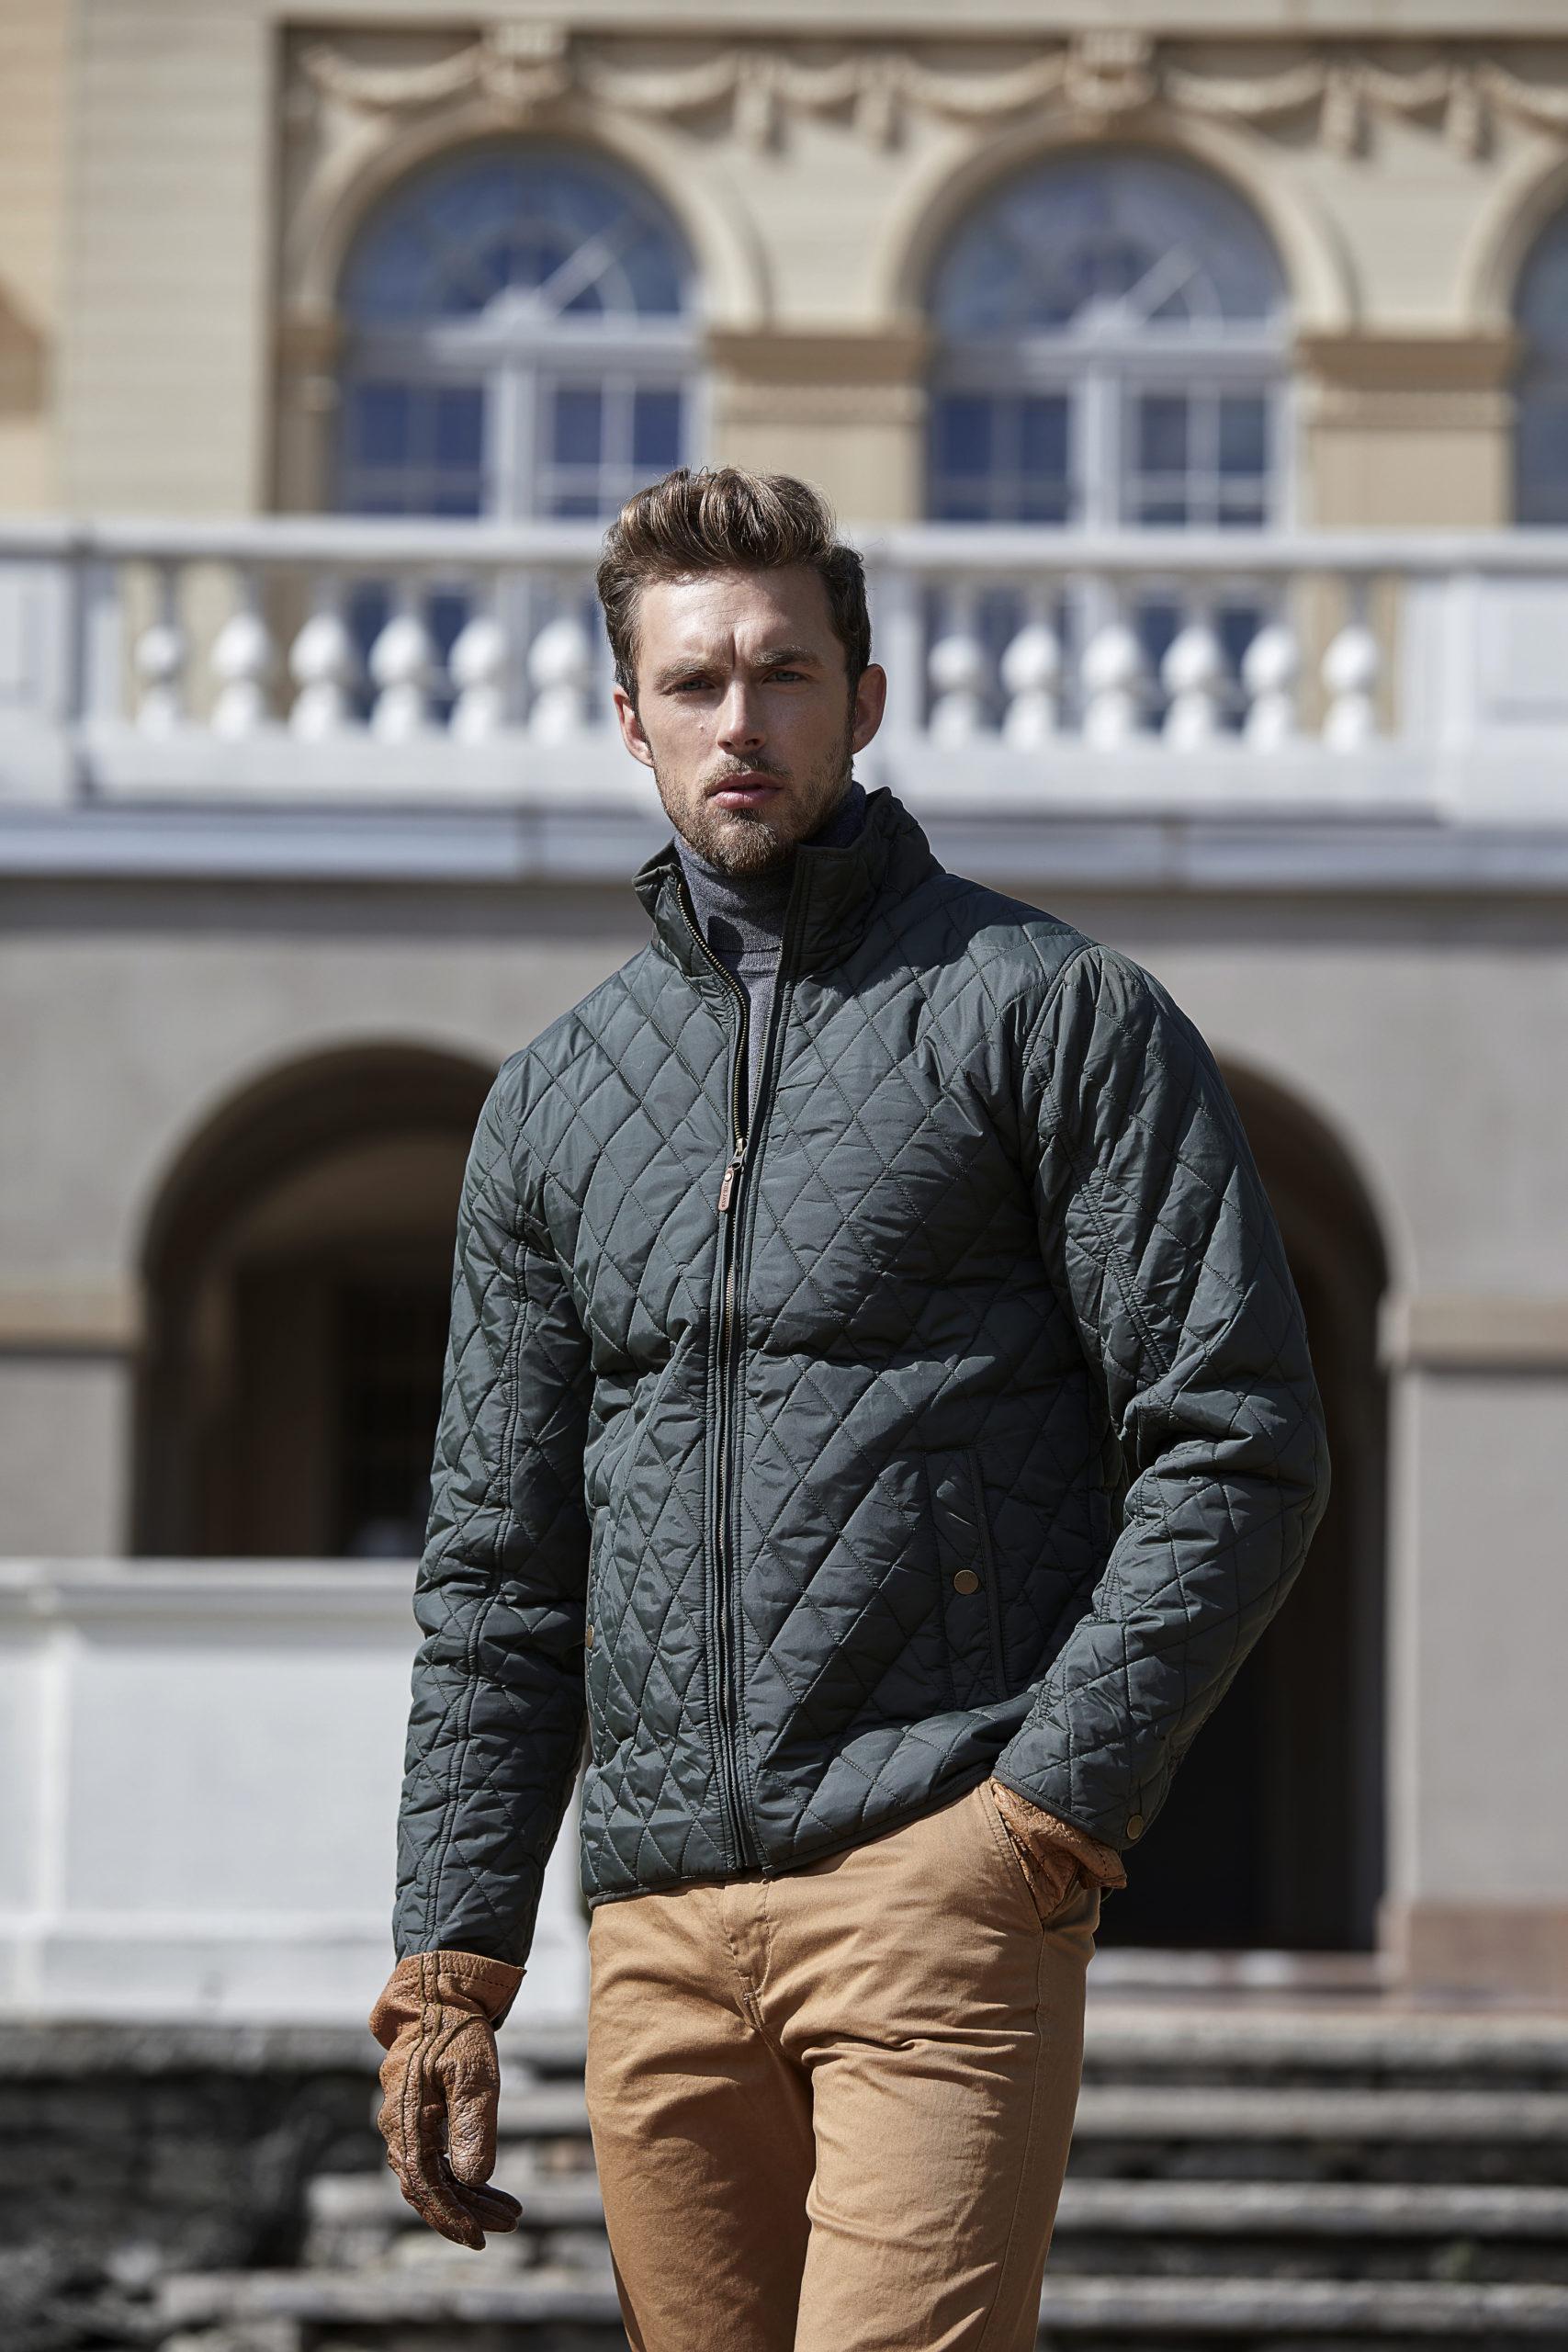 9660_Homme_Richmond_Jacket_Fermeture à glissière pleine longueur -2 larges poches à l avant, poche à l intérieur -Fermeture à glissière et boutons métalliques -Conçu pour la personnalisation - Coupe ajustée, Tee Jays, 109 T-shirts